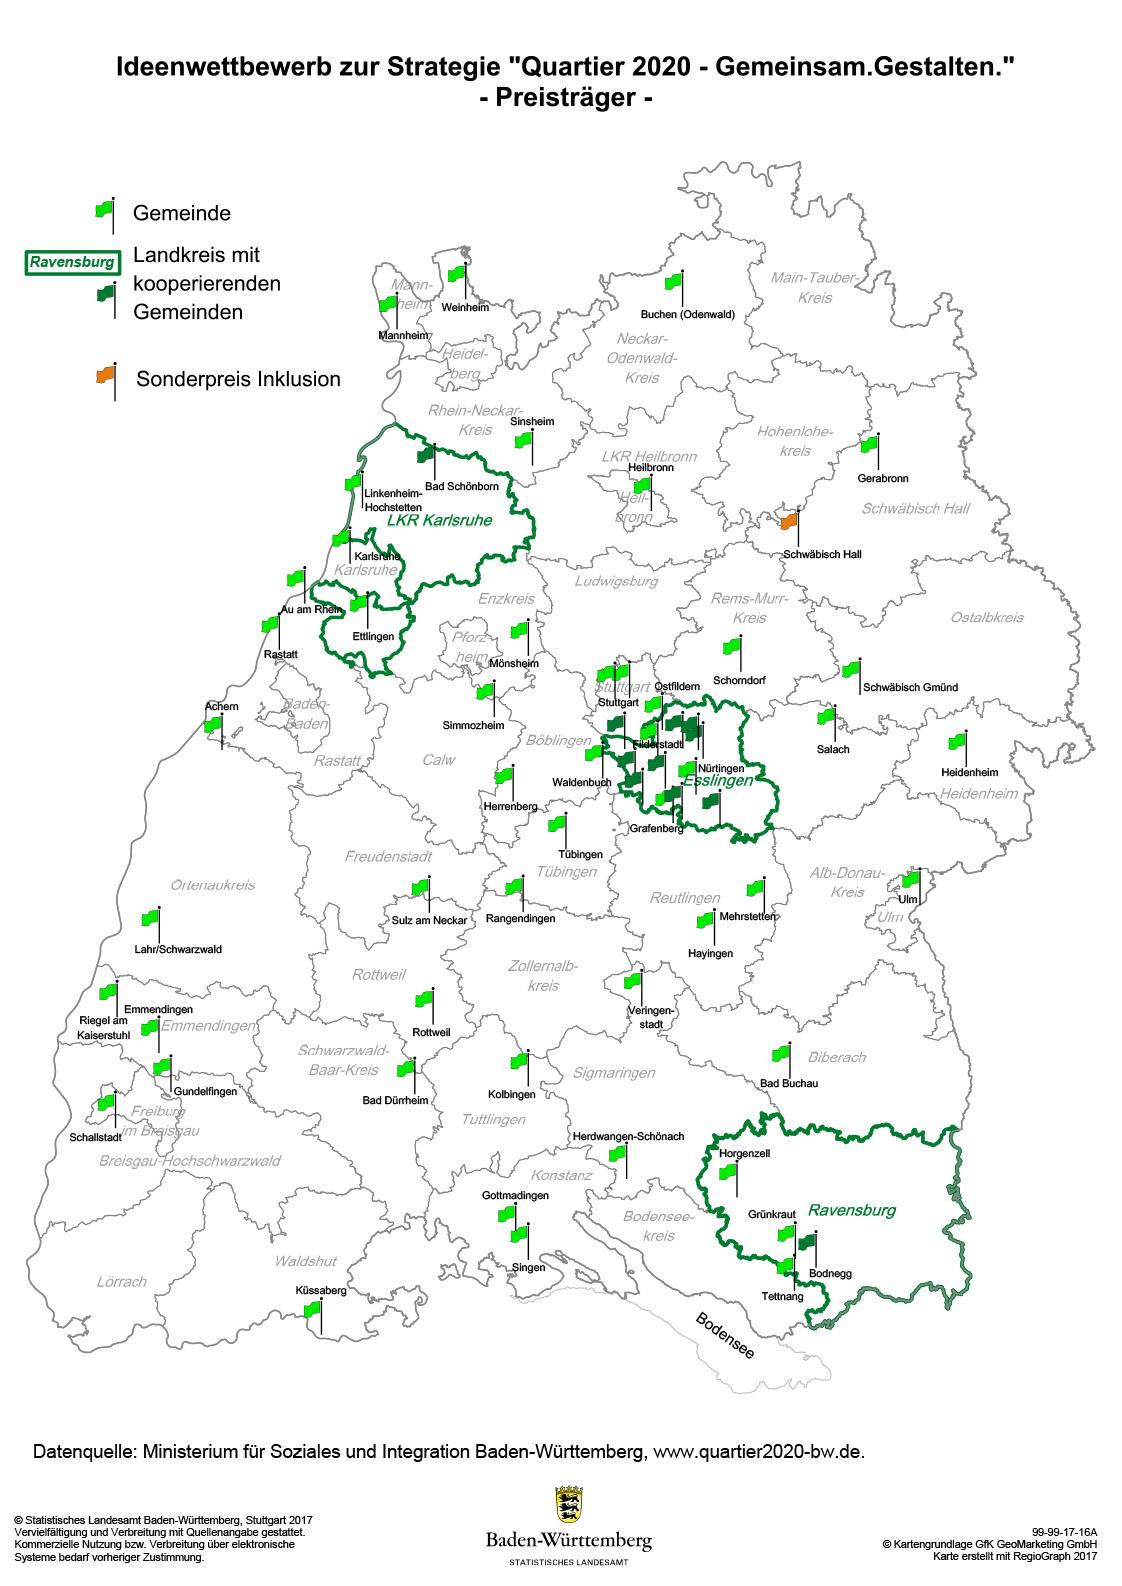 Schwäbische Alb Karte Städte.Ideenwettbewerb Ministerium Für Soziales Und Integration Baden